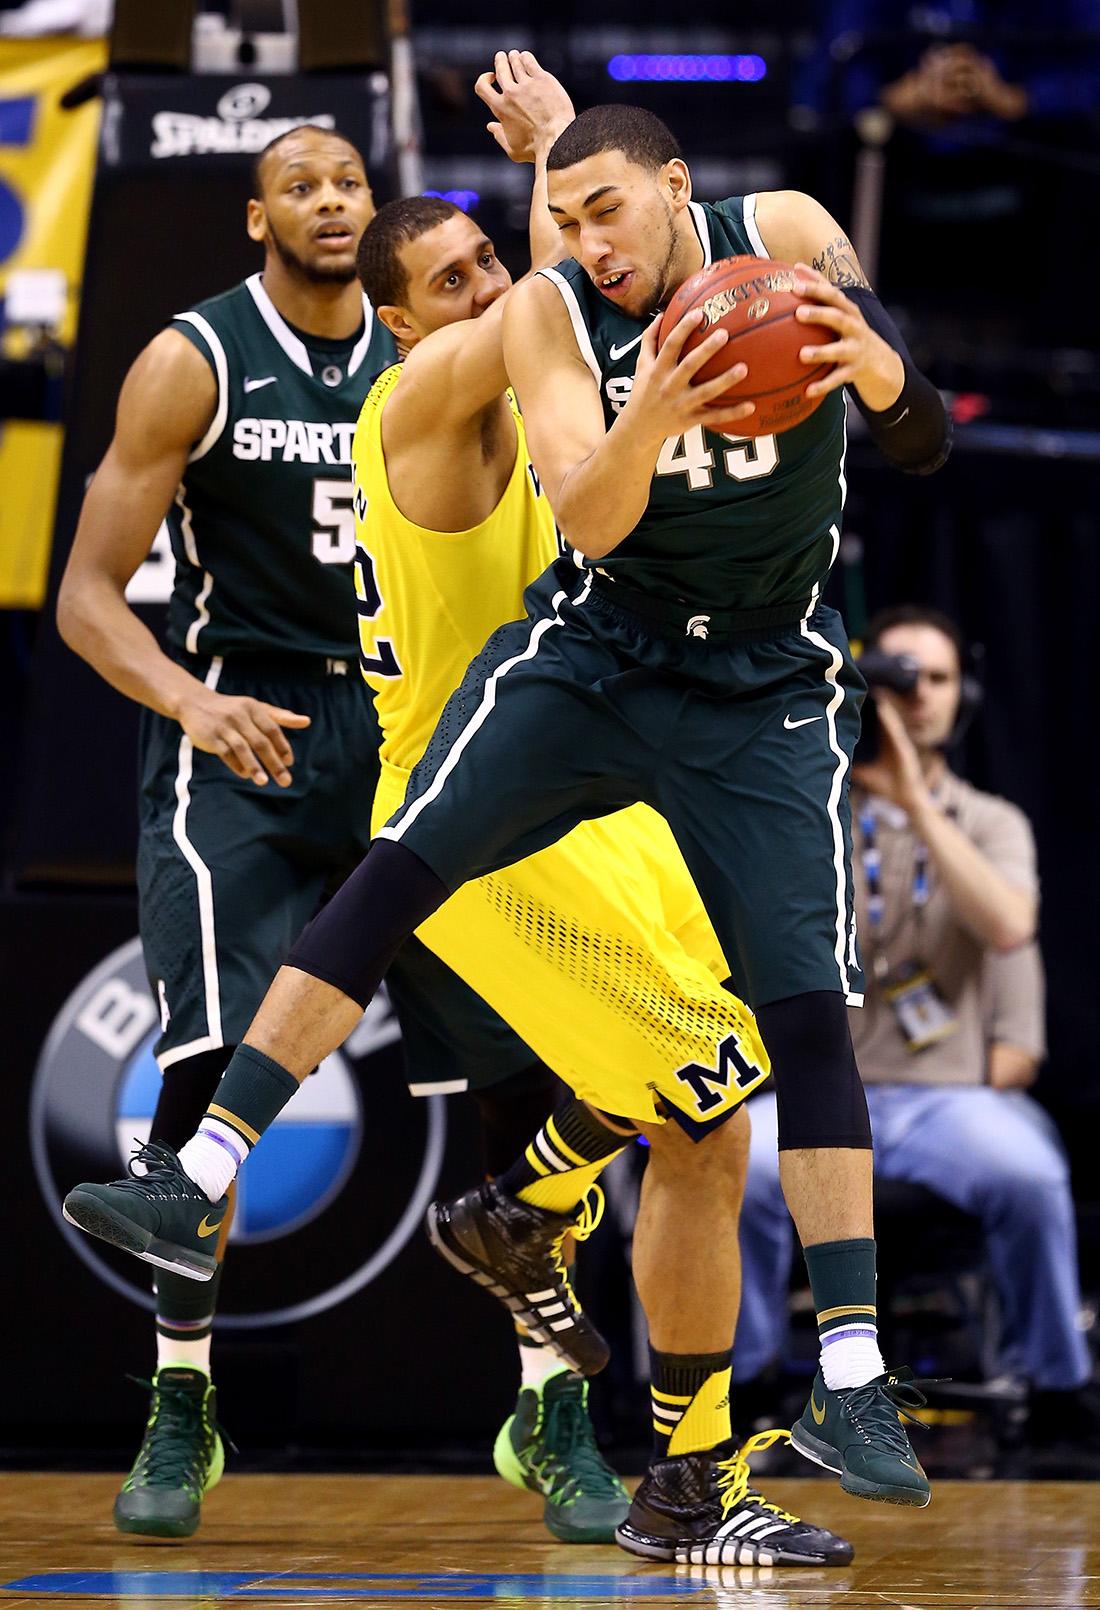 Denzel Valentine de la NCAA en viva basquet